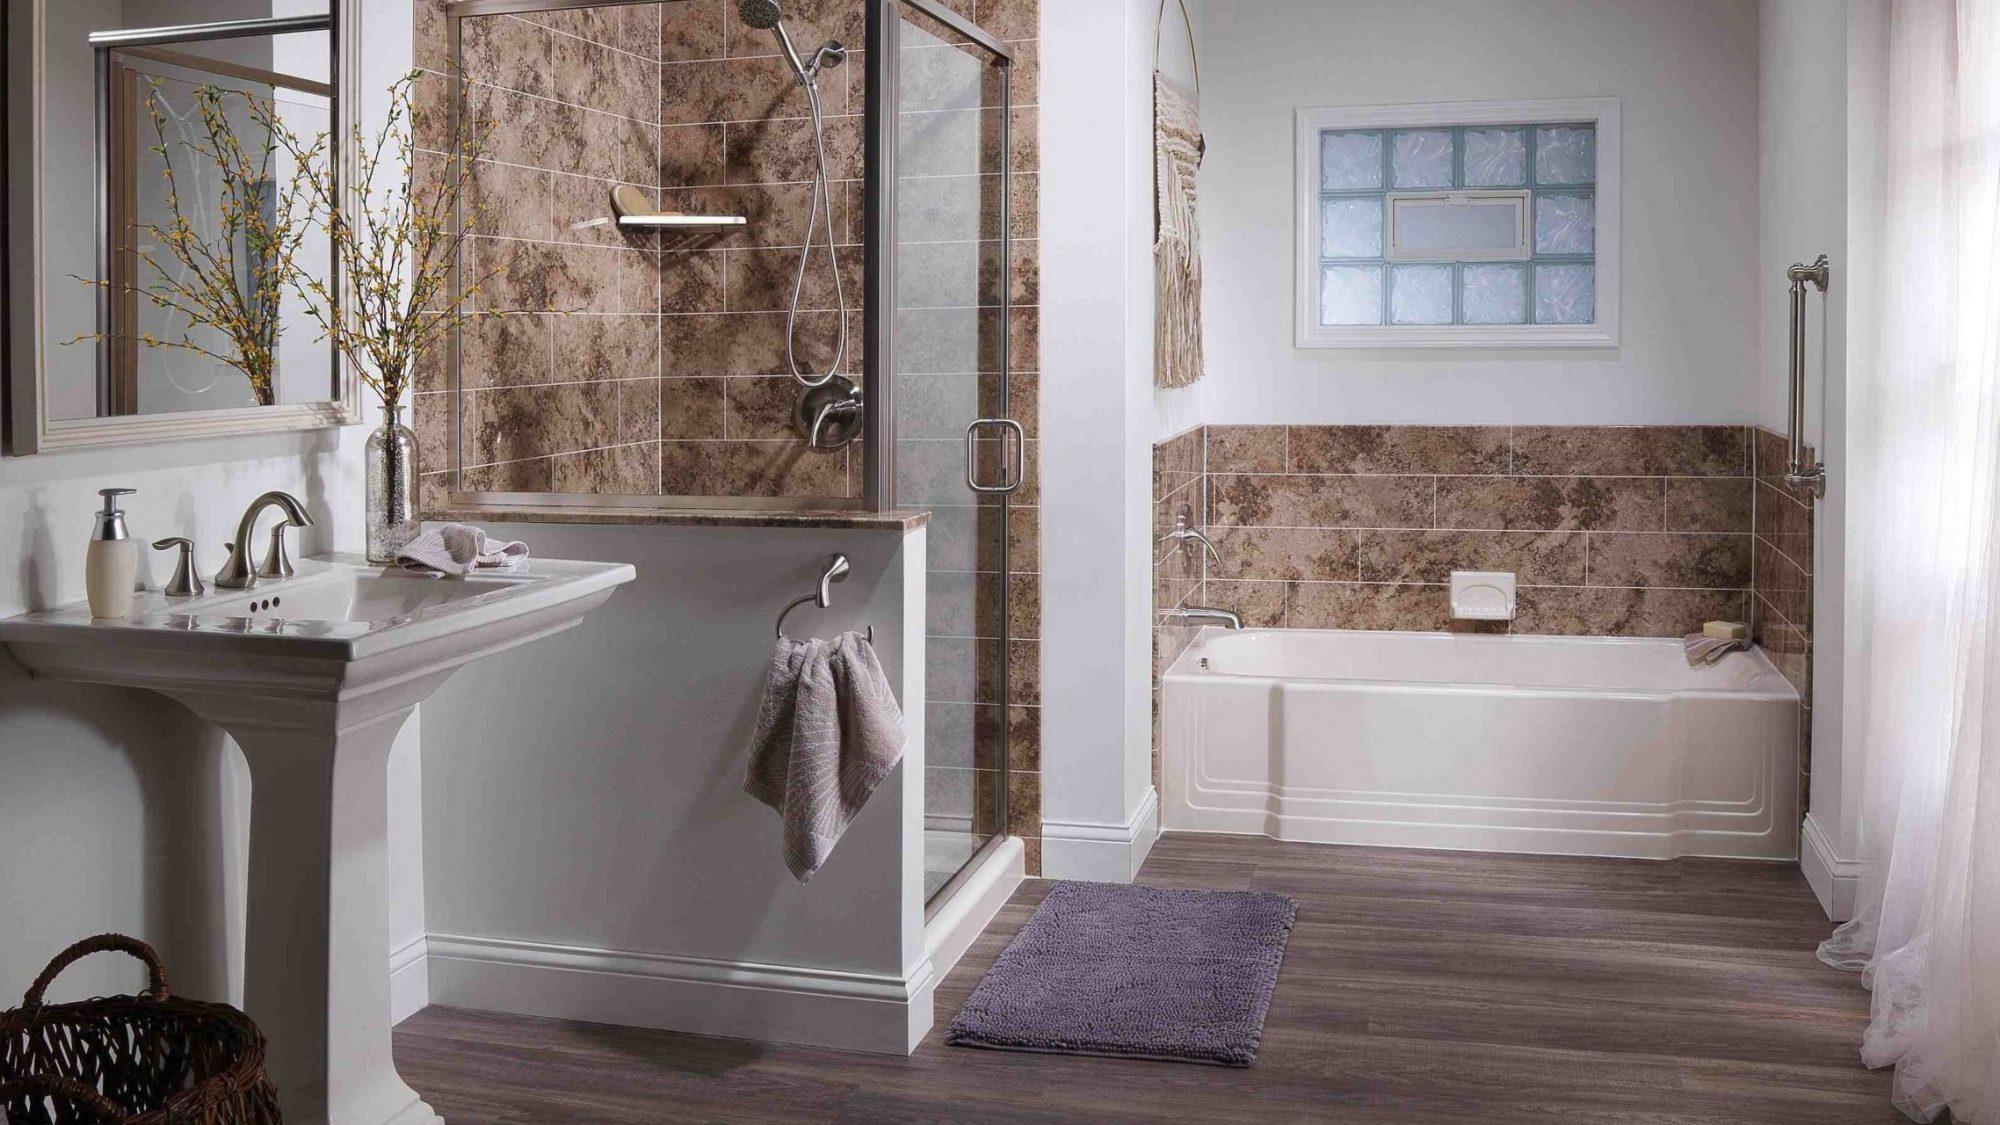 lowe's bathroom remodel